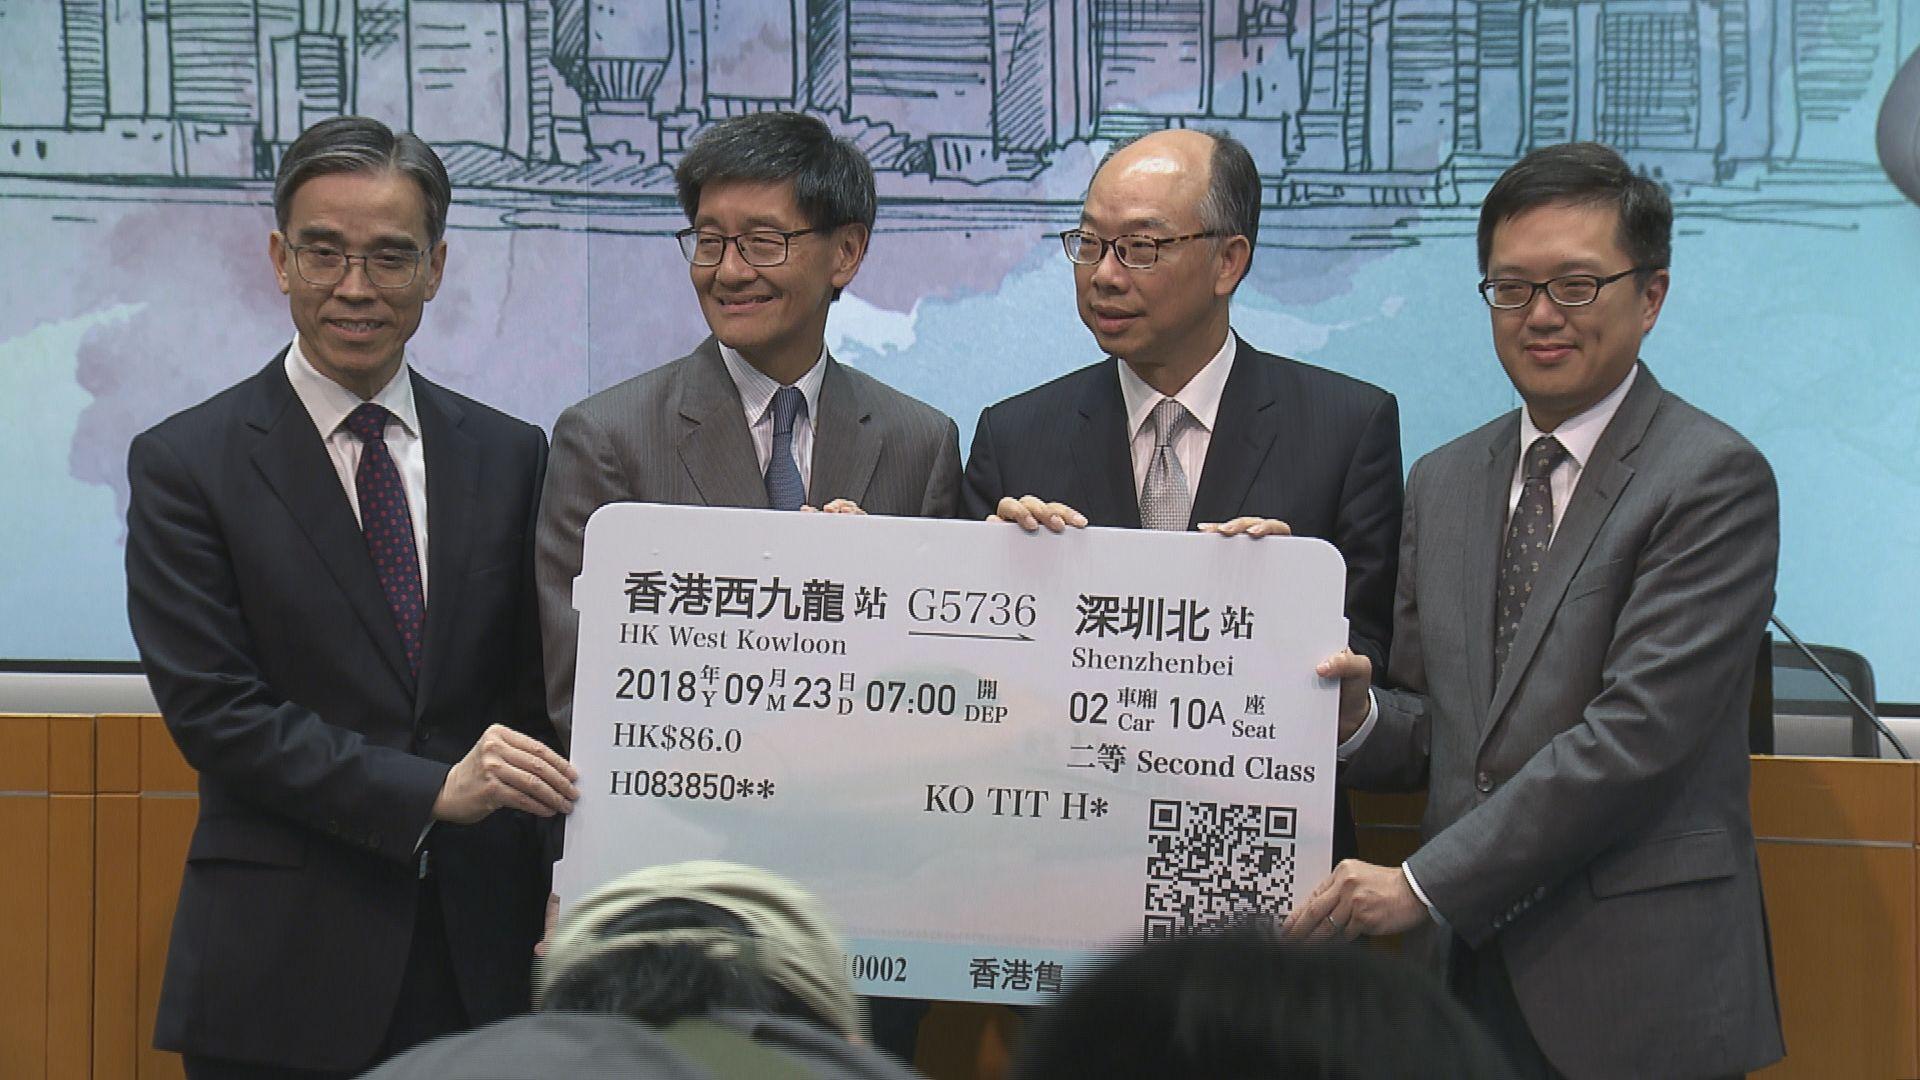 高鐵香港段將於9月23日開通